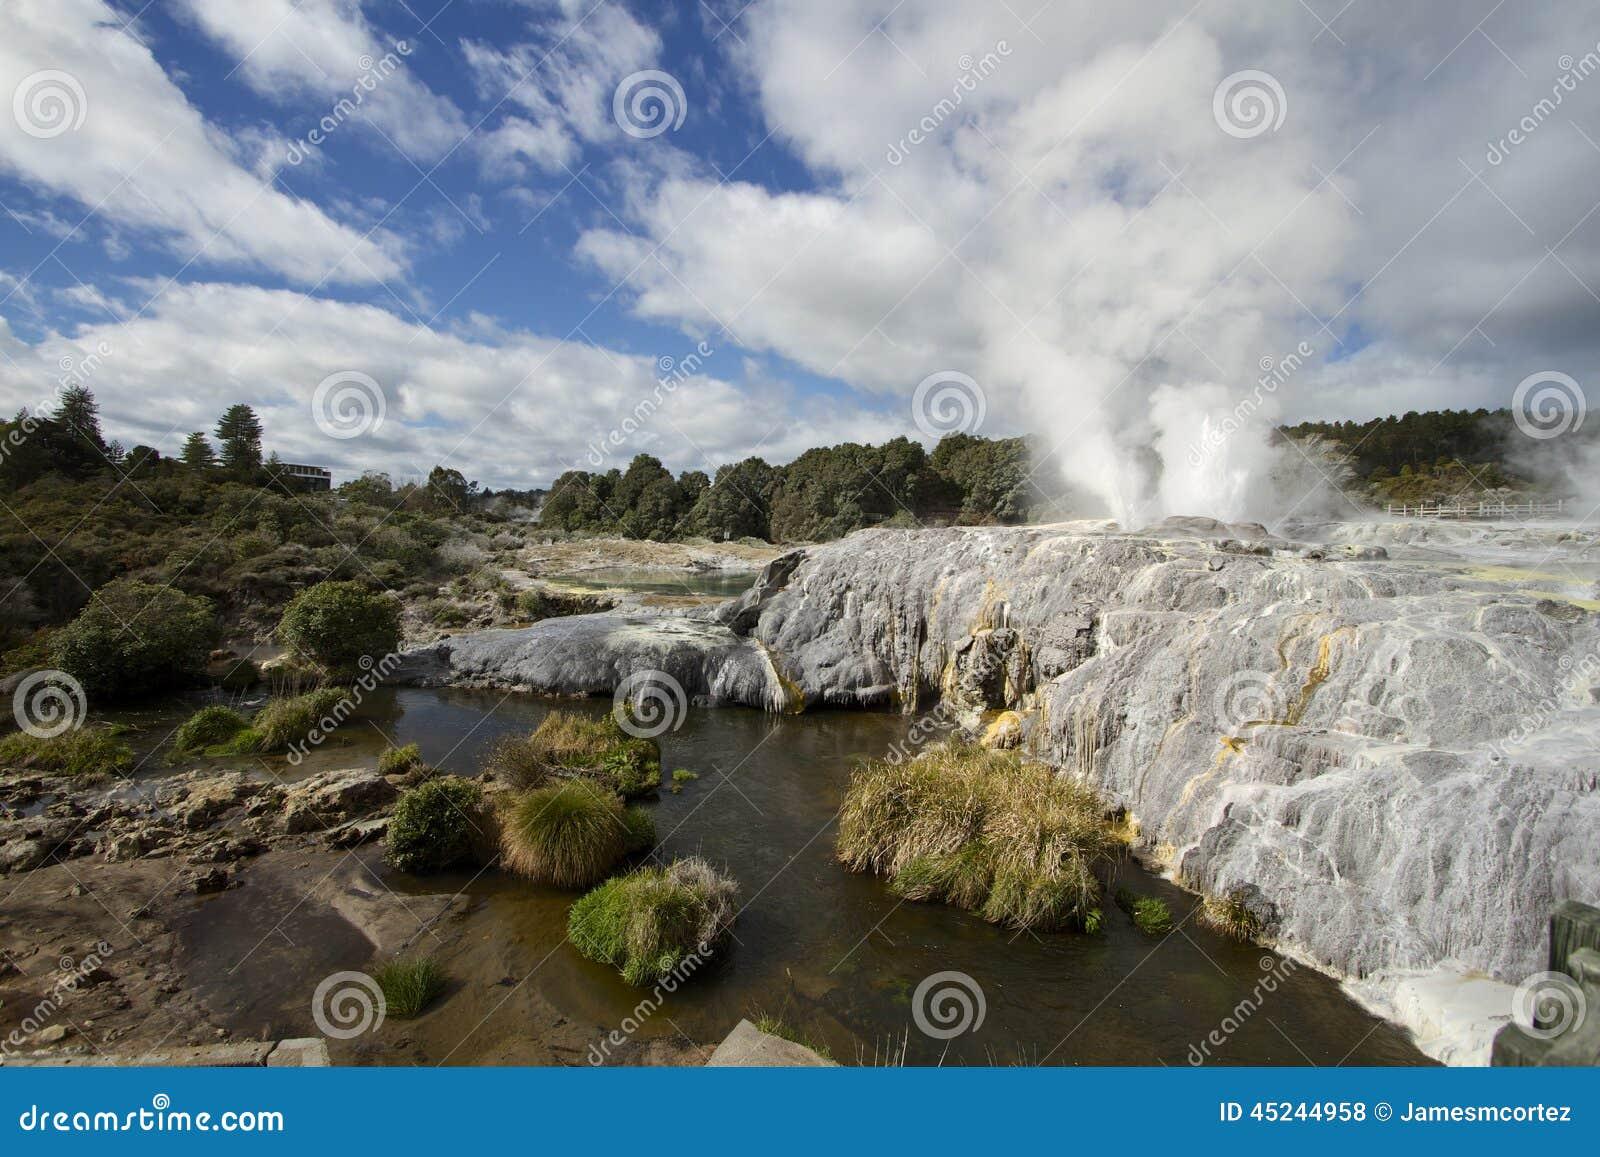 New Zealand Time Image: New Zealand, Rotorua Stock Image